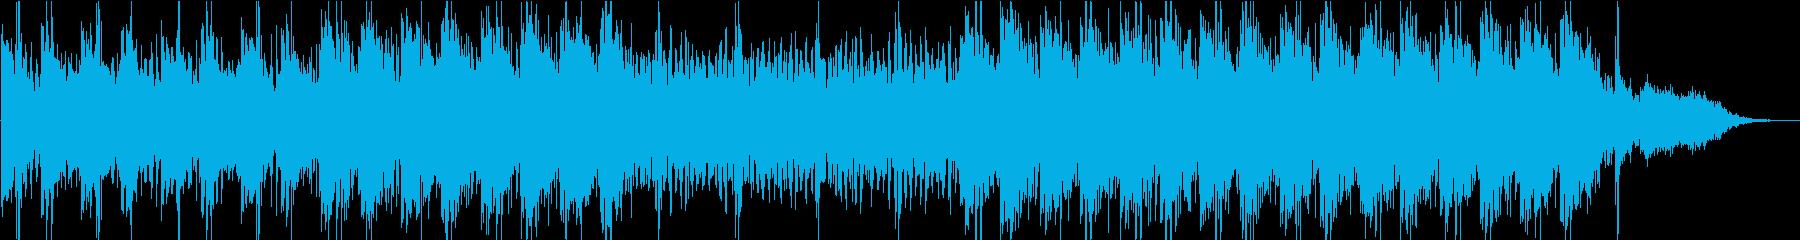 映像に最適なミニマル系BGMの再生済みの波形